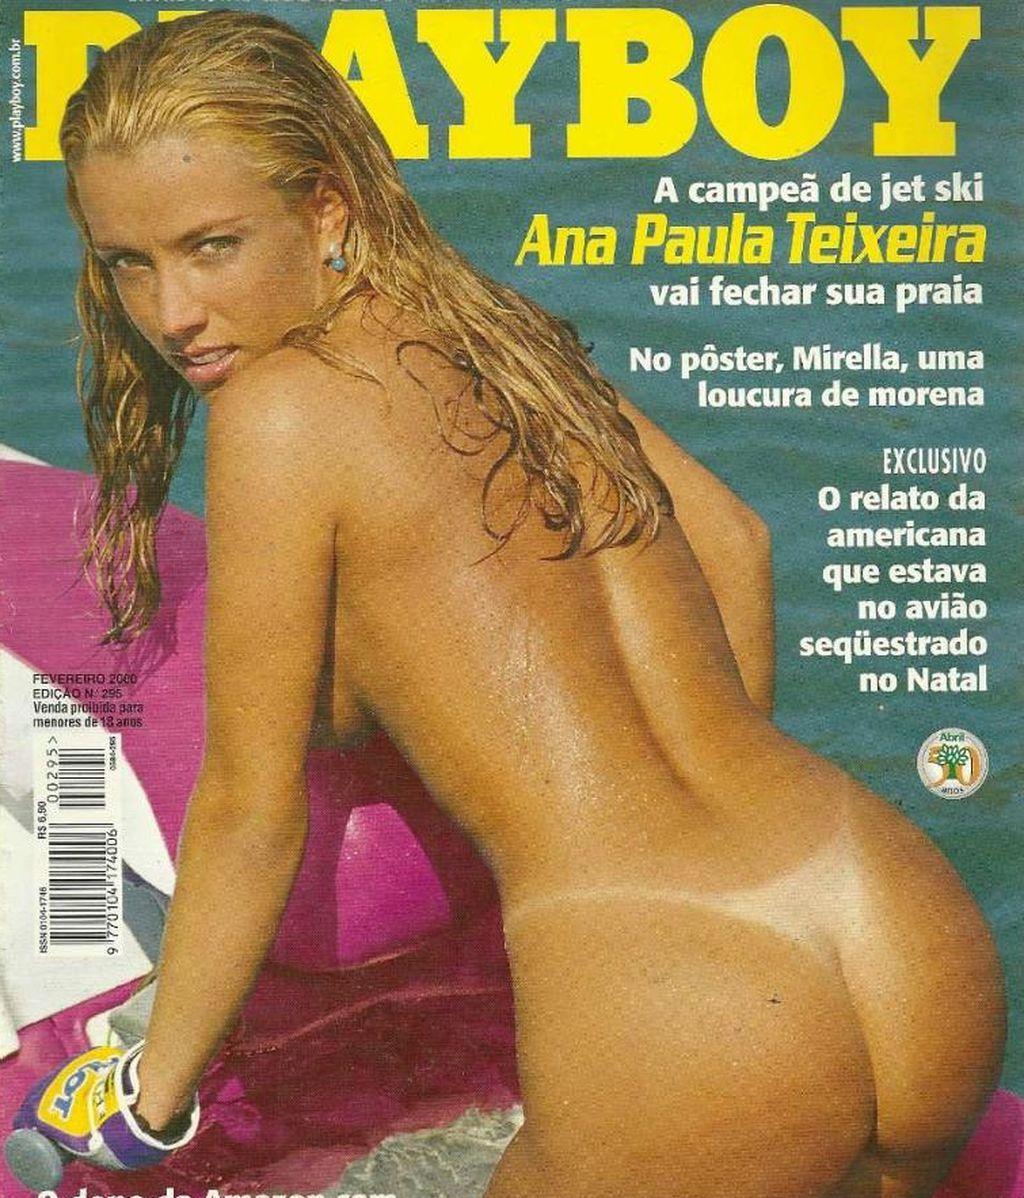 Ana Paula Teixeira, piloto de motos de agua